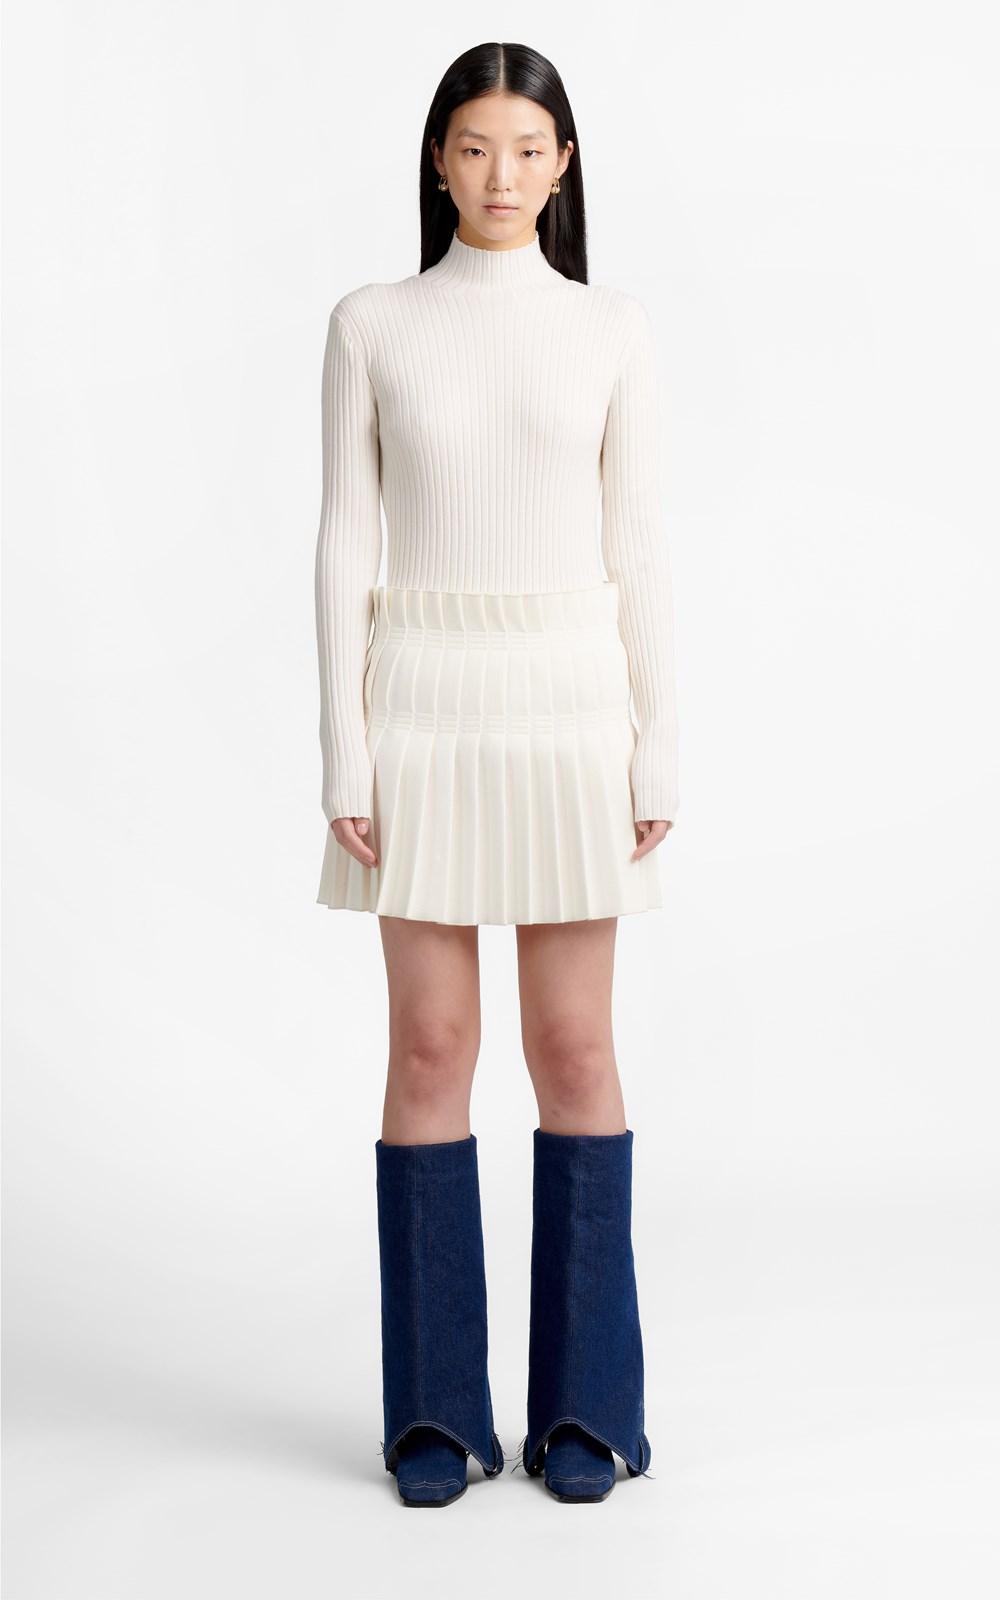 Skirts | STITCH PLEAT MINI SKIRT